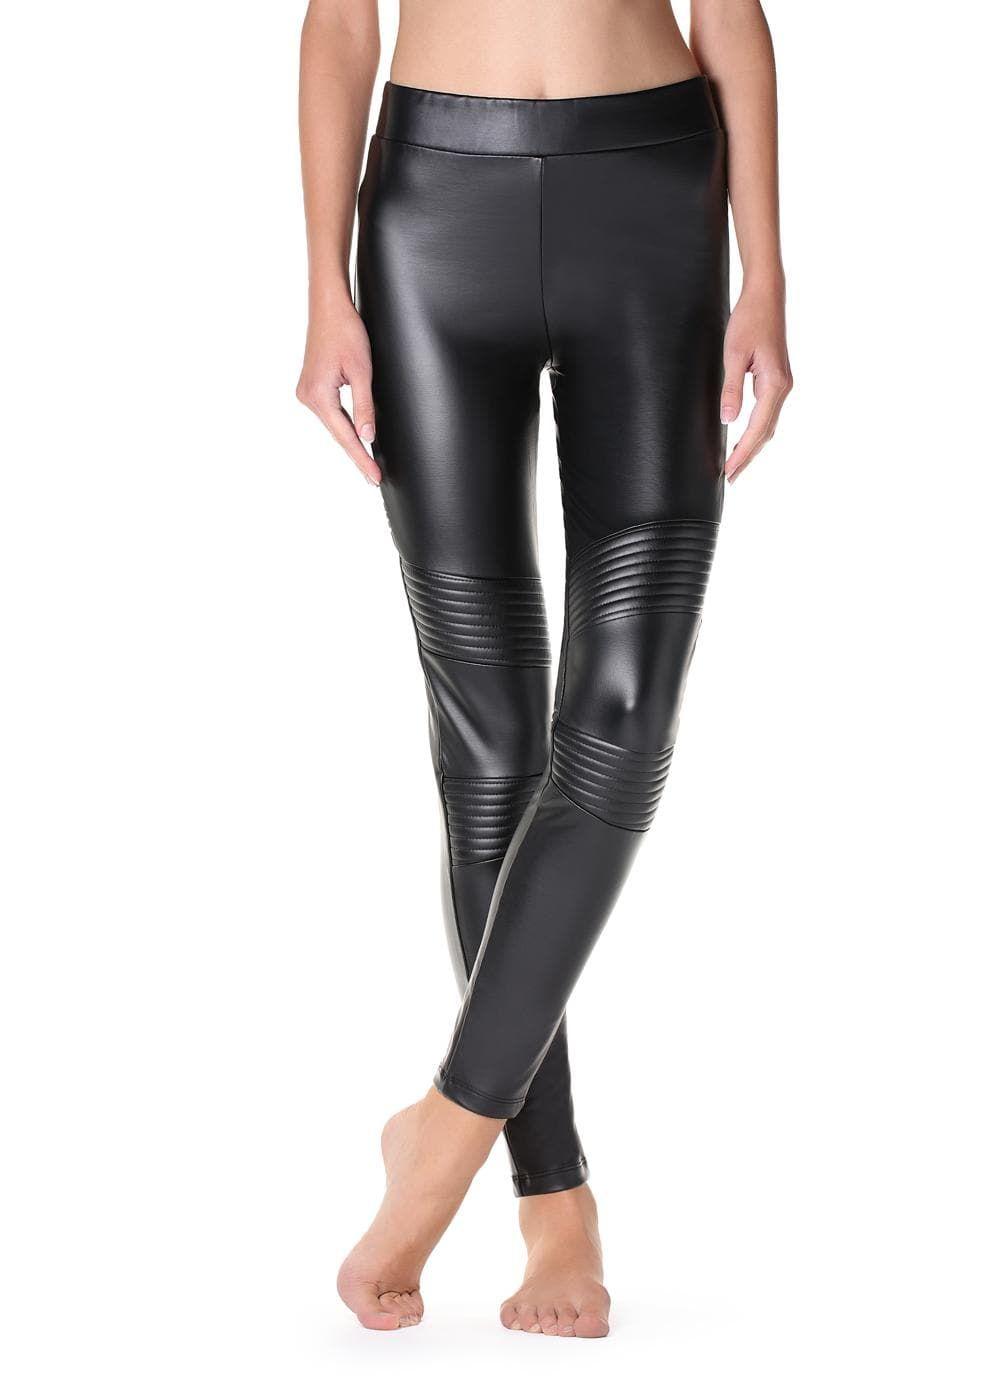 f3ae41eea Thermal leather-effect biker leggings - Calzedonia